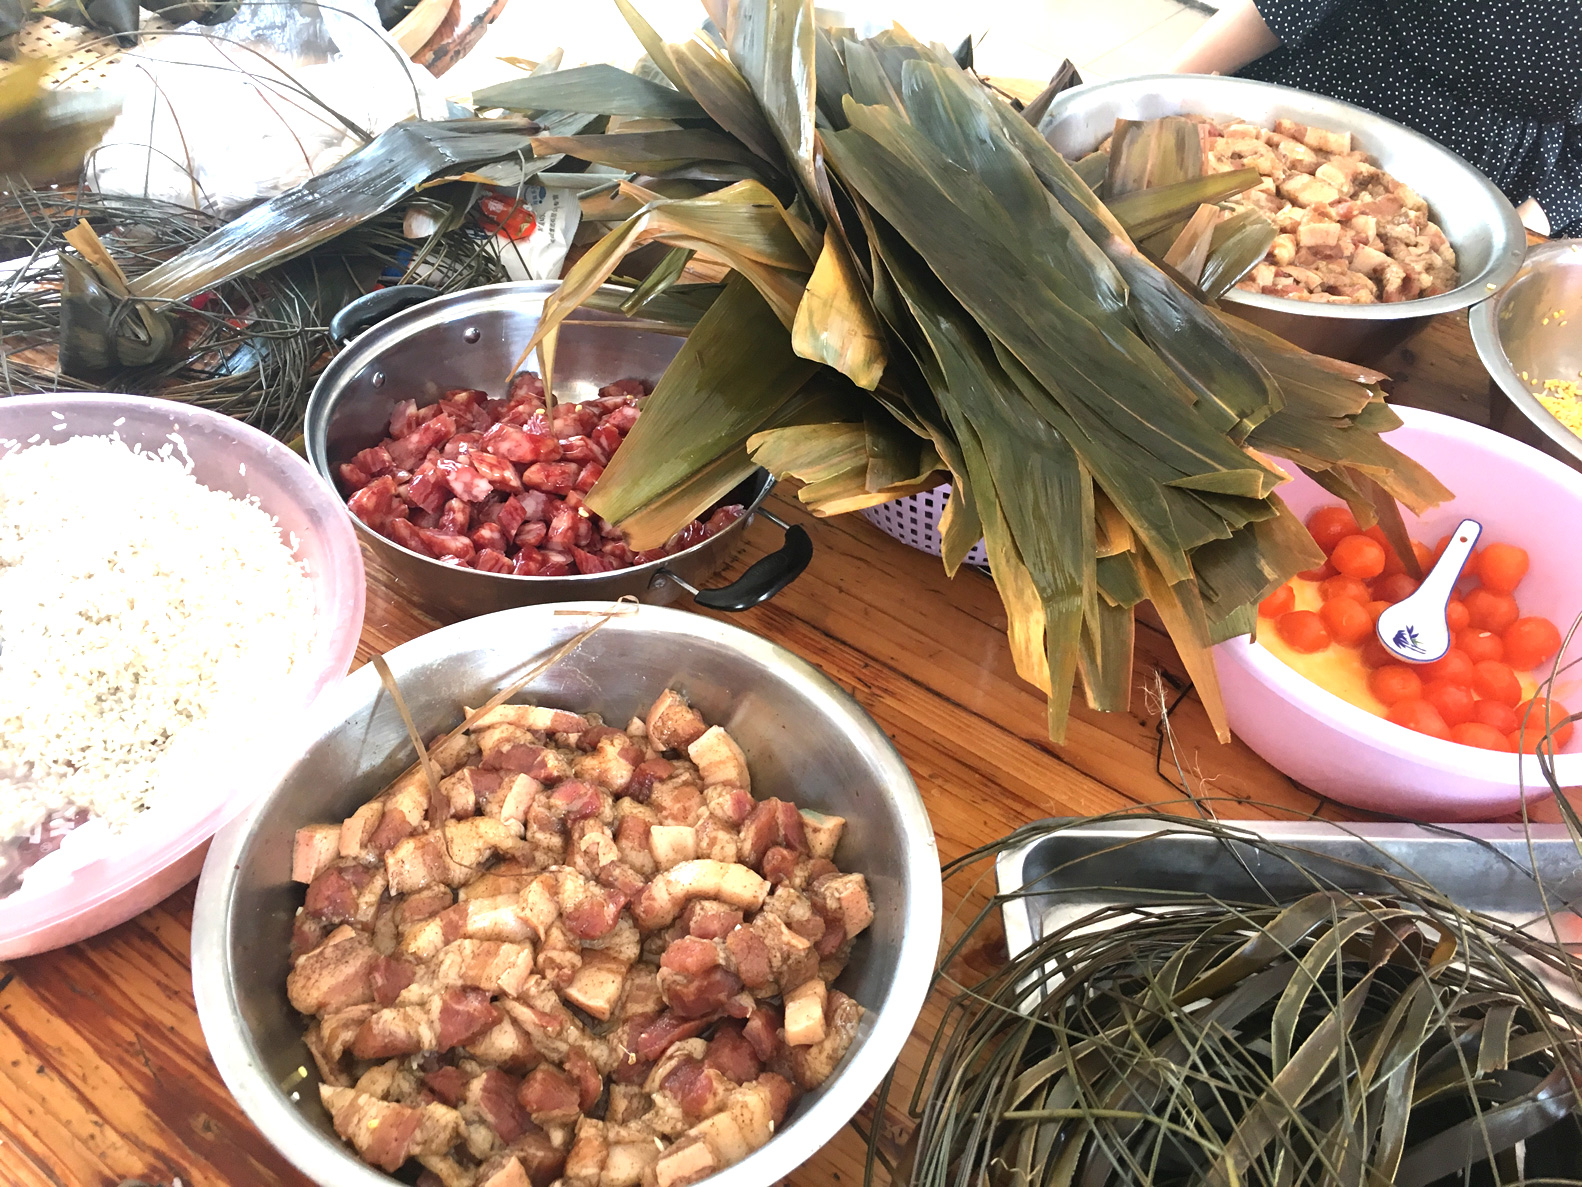 Ingredients for making dumplings: pork, sausage, dumpling leaves, glutinous rice, salted duck eggs, etc.